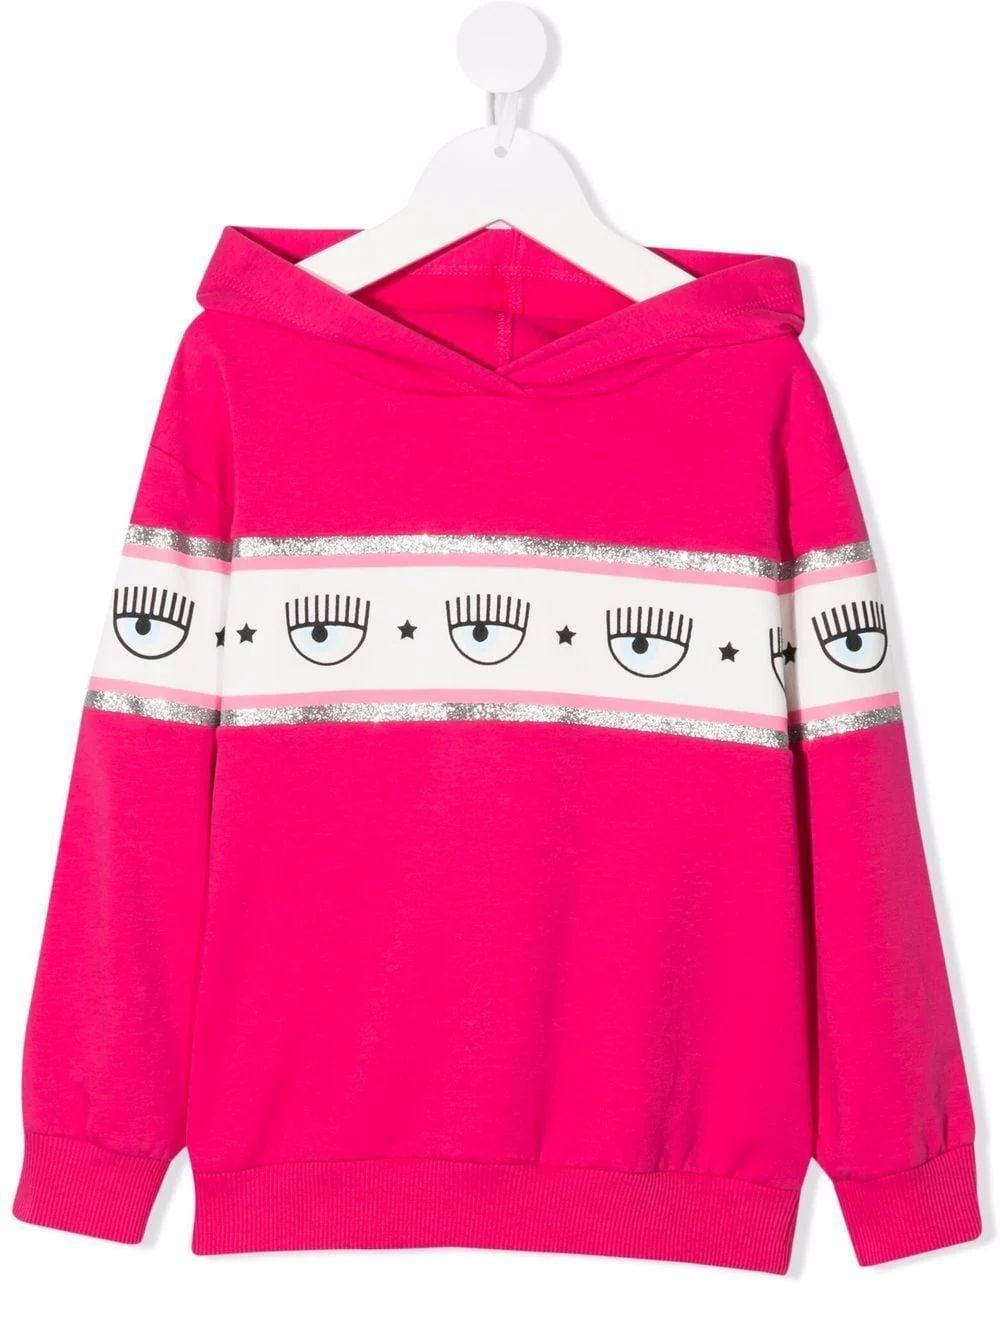 Sweatshirt Chiara Ferragni kids CHIARA FERRAGNI KIDS | -108764232 | 59860780720097